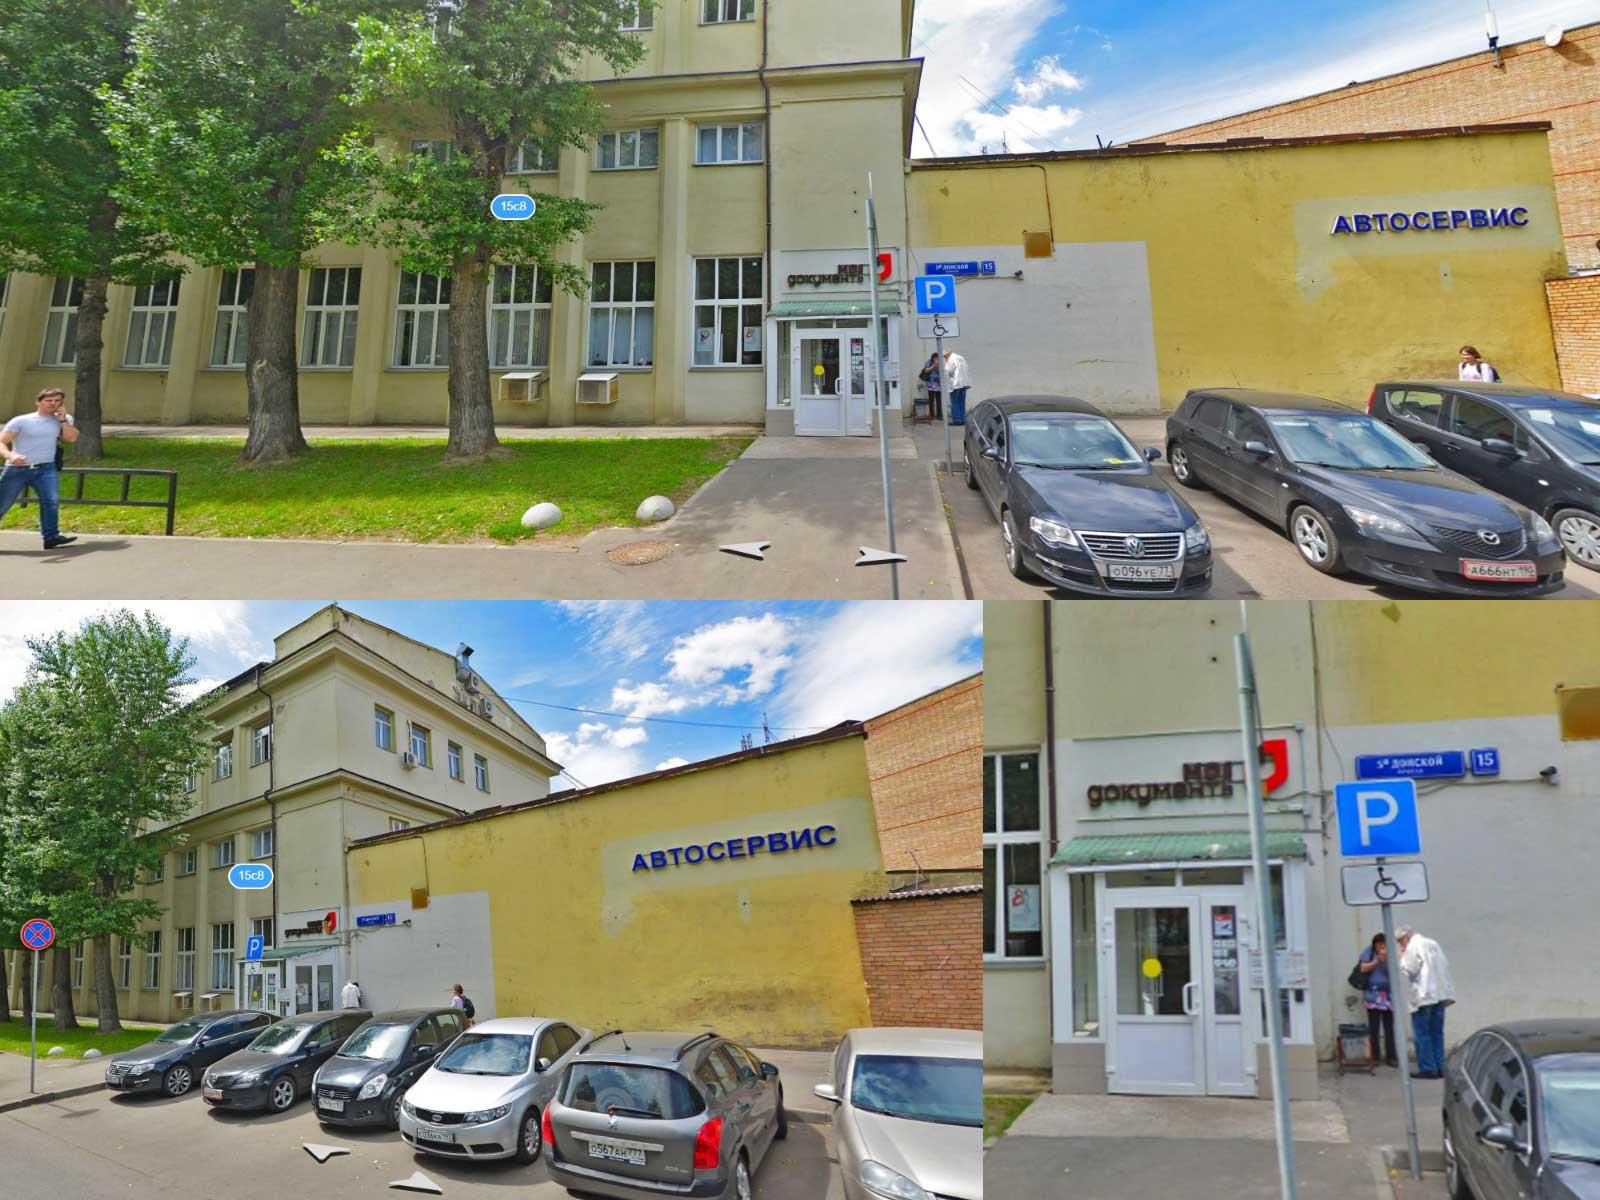 вид на здание УФМС по Донскому району, 5-й Донской пр., 15, стр. 8, Москва (этаж 1)